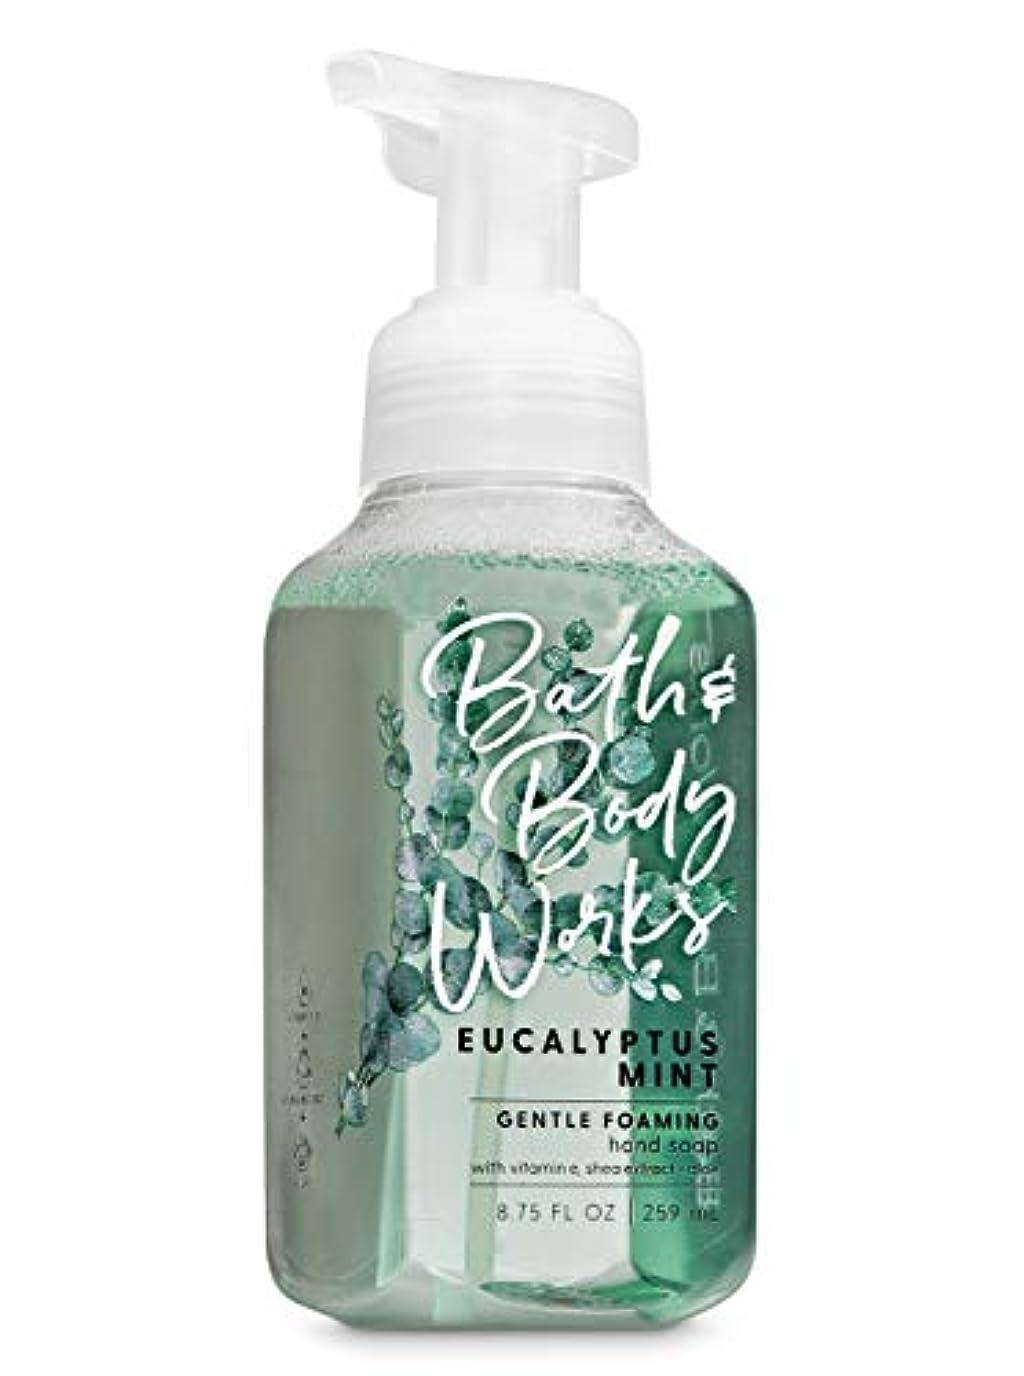 解決関係ない代わりにバス&ボディワークス ユーカリミント ジェントル フォーミング ハンドソープ Eucalyptus Mint Gentle Foaming Hand Soap